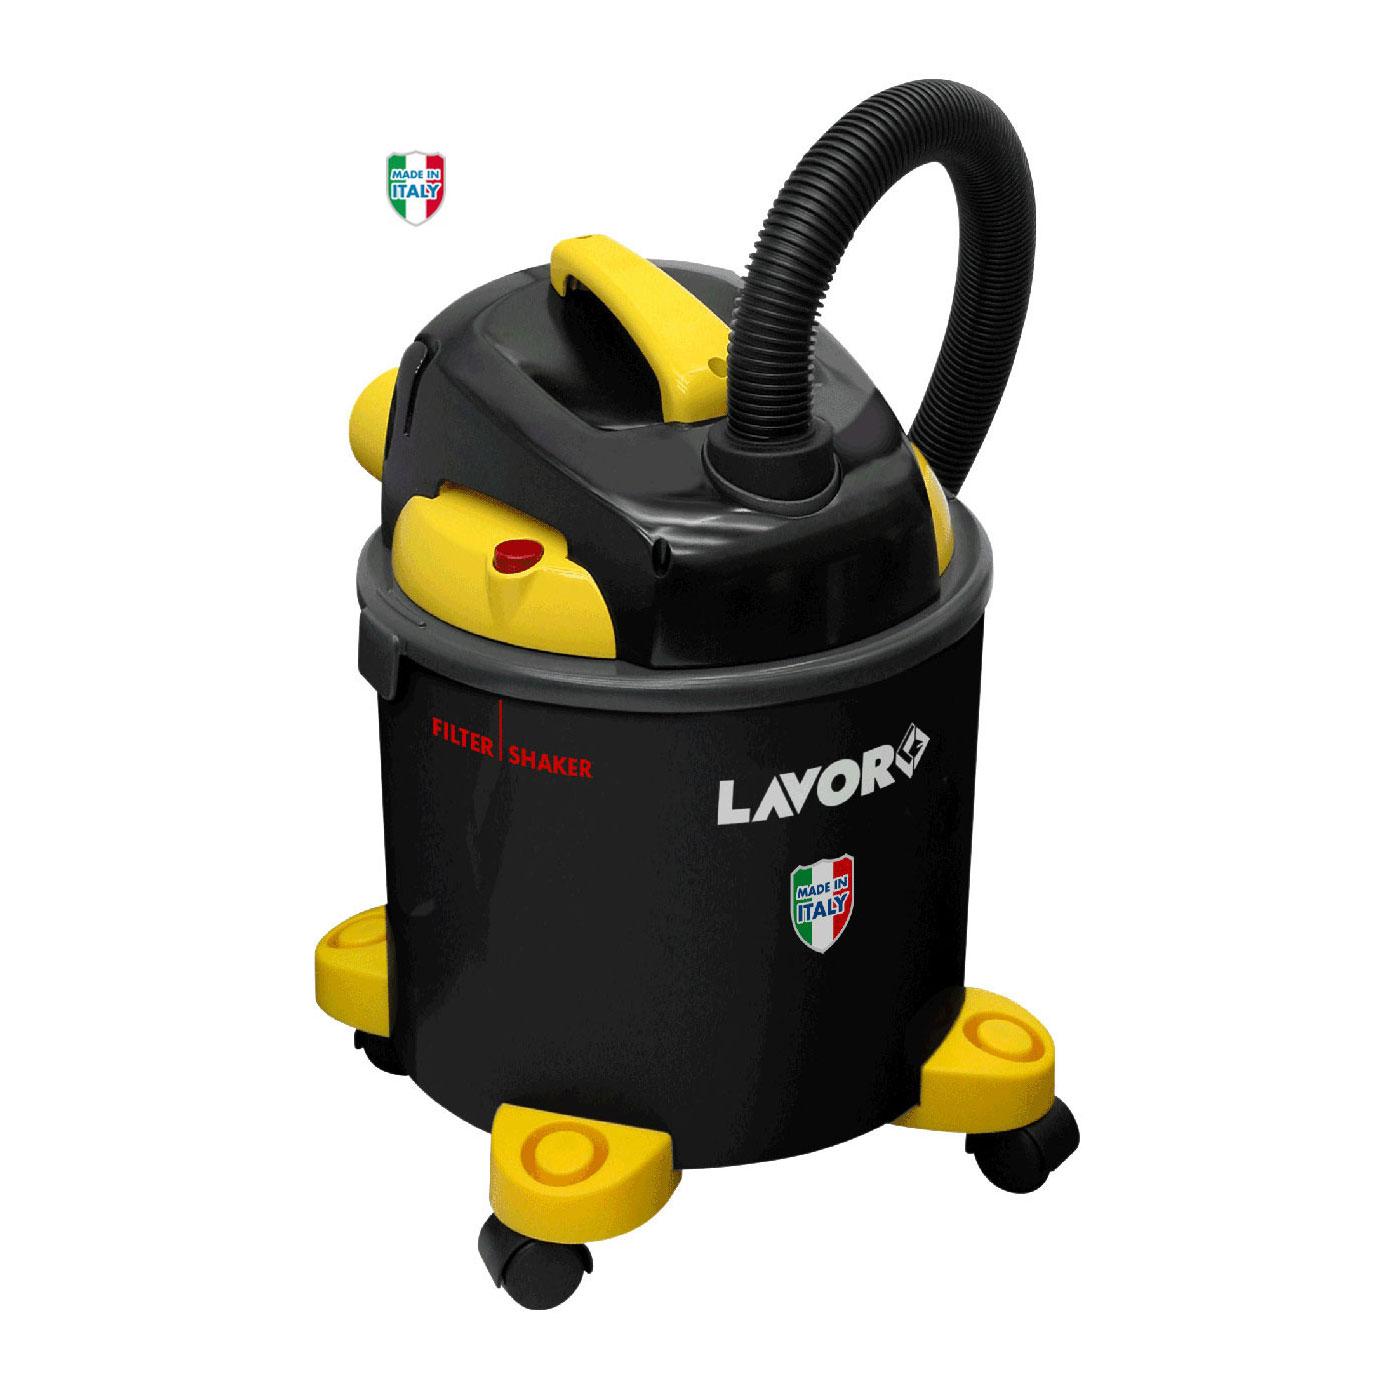 Image of Bidone aspiratutto Lavor VAC 18 Plus